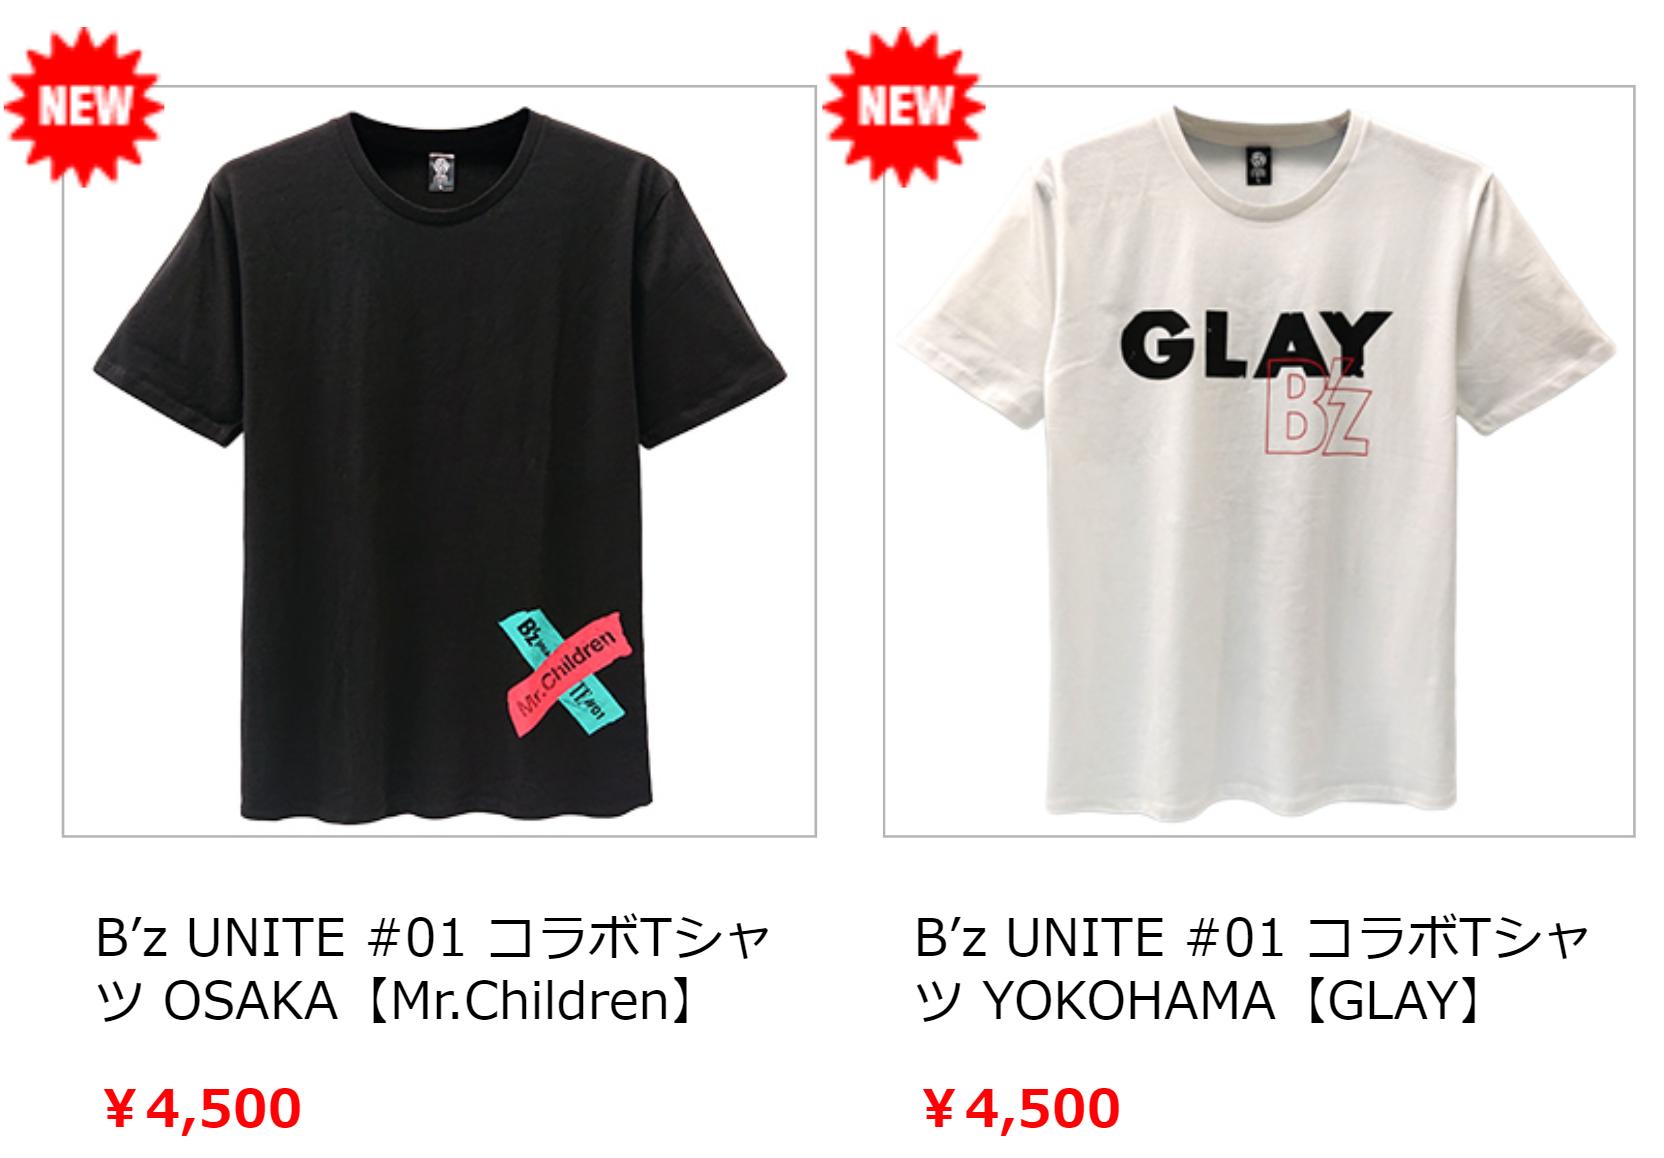 B'zとMr.Children、B'zとGLAYのコラボTシャツの画像